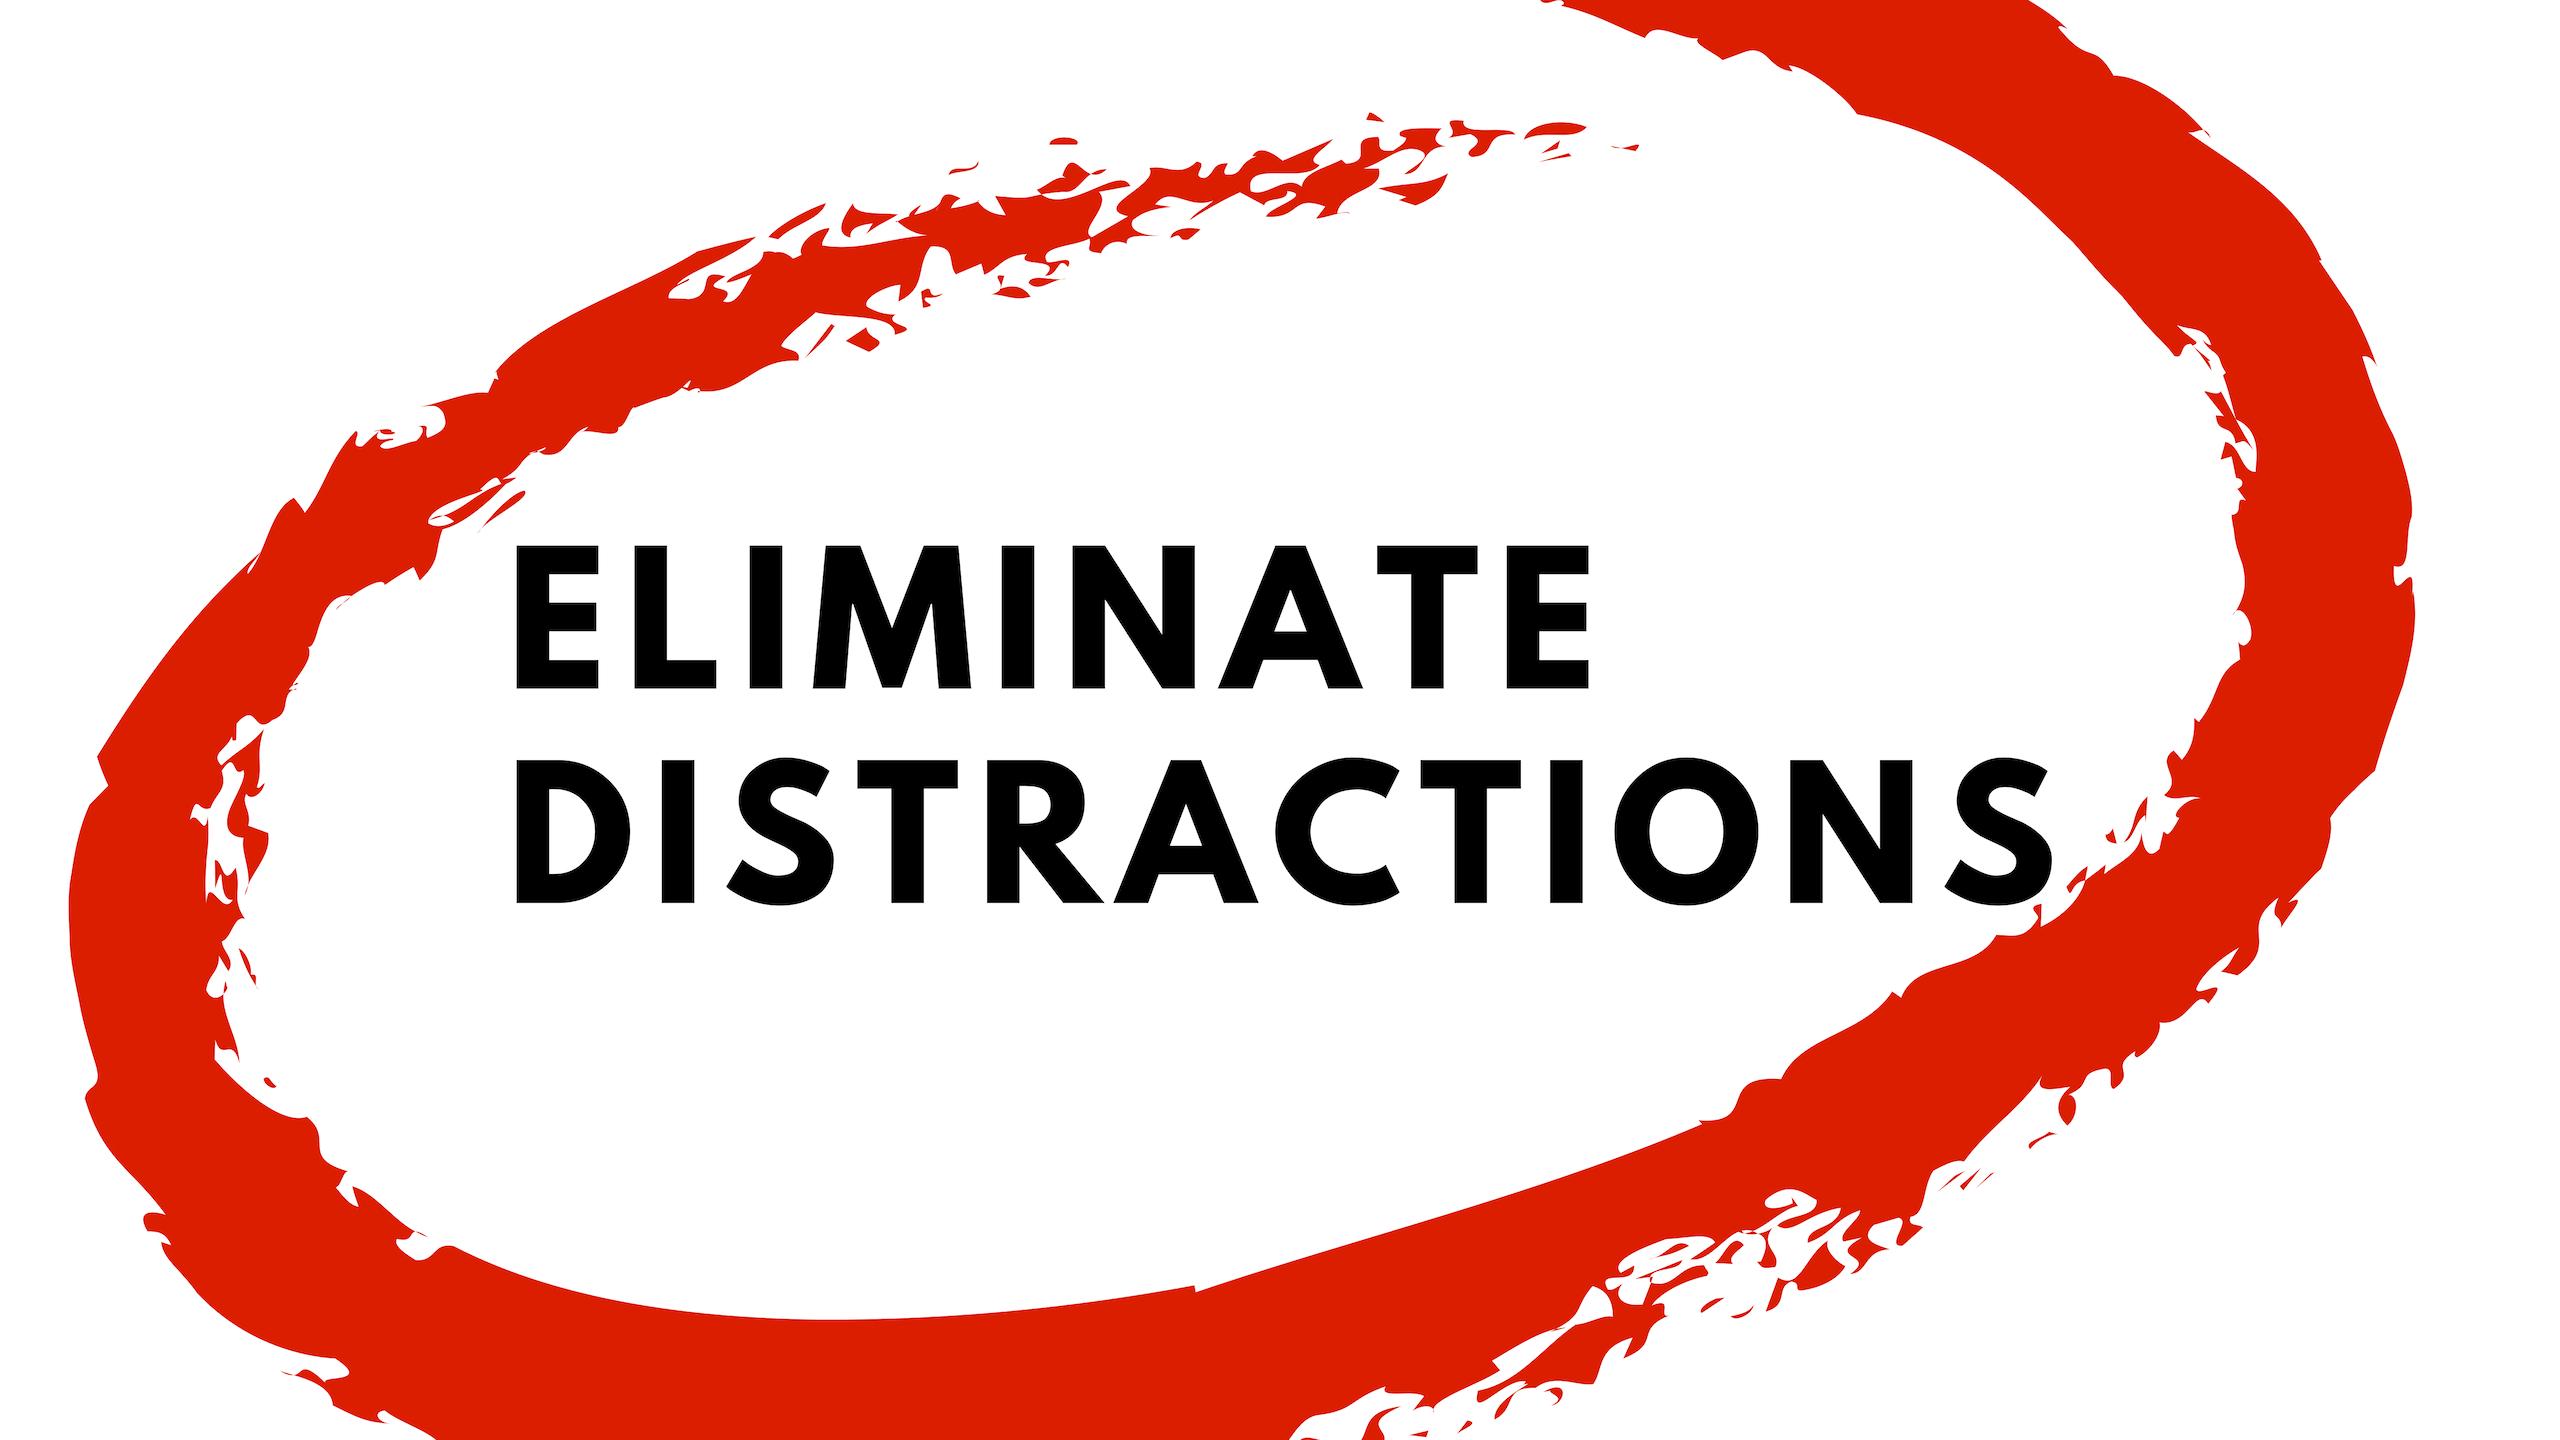 Eliminate Distractions | Gospel Doctrine Helps